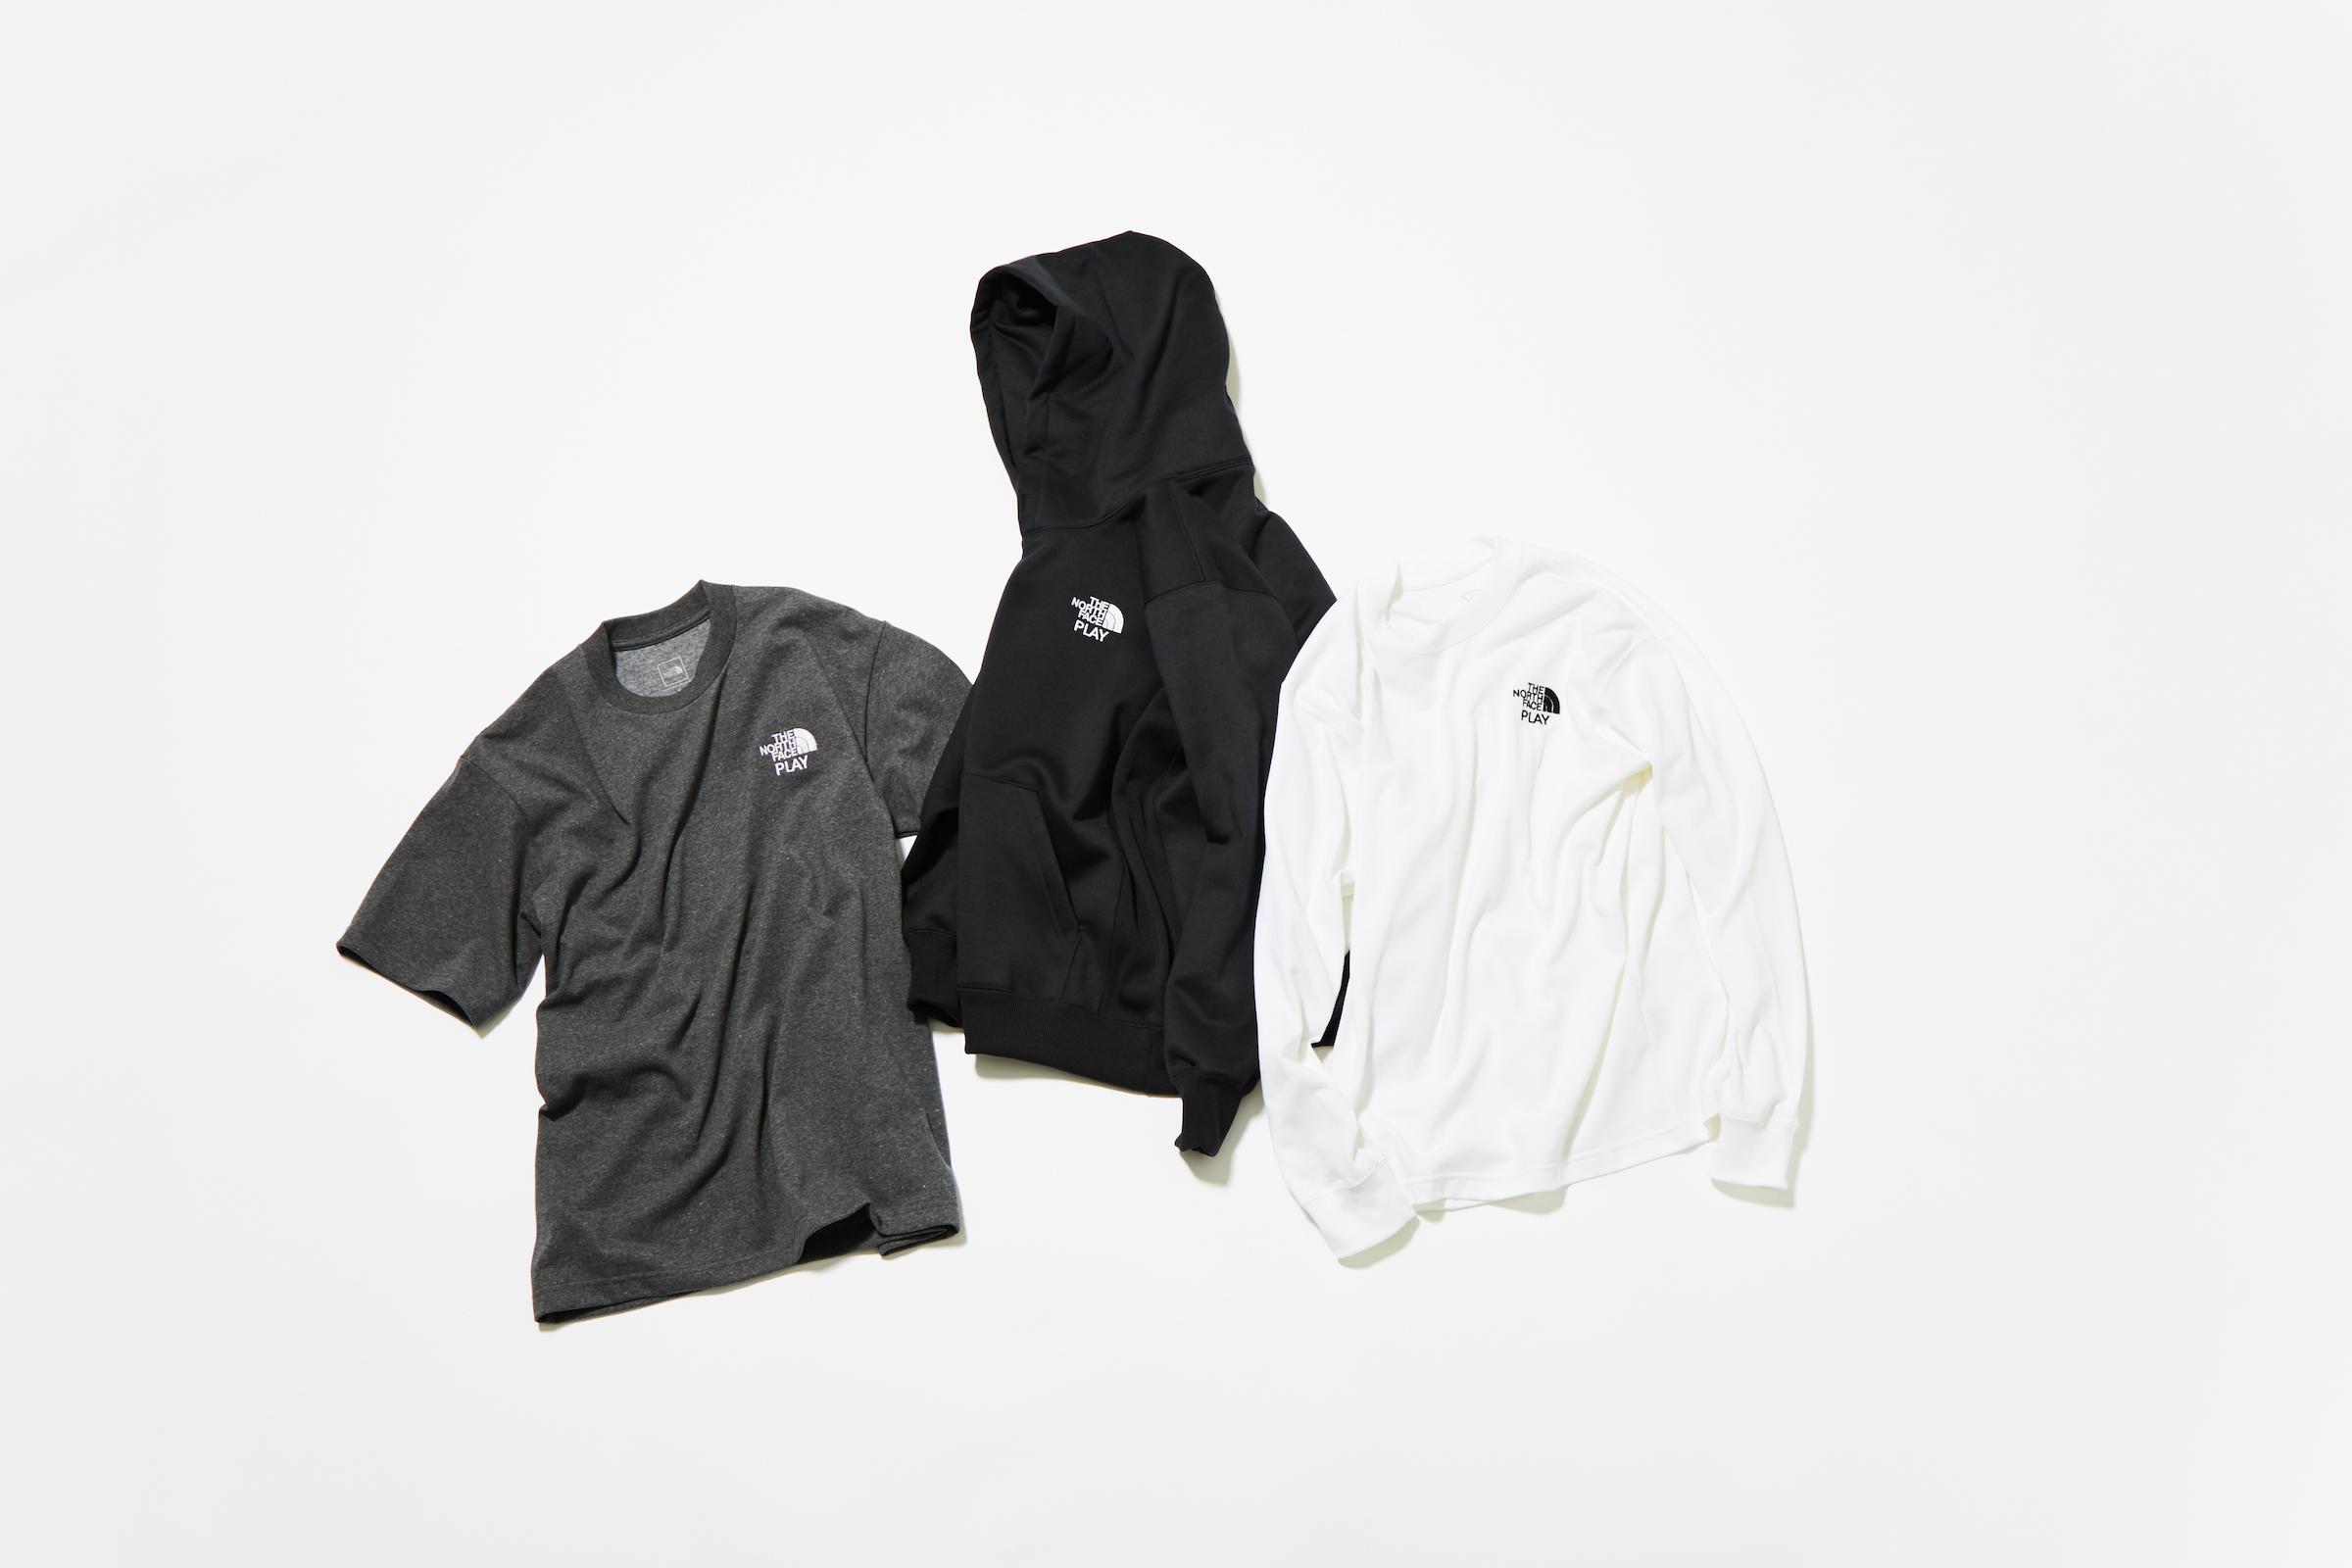 79e670c71616 限定コレクションでは、右袖に「THE NORTH FACE PLAY」のロゴが配されたコーチジャケット(2万5,000円)やアノラック(3万円)、速乾性に優れたフーディー(1万3,000  ...